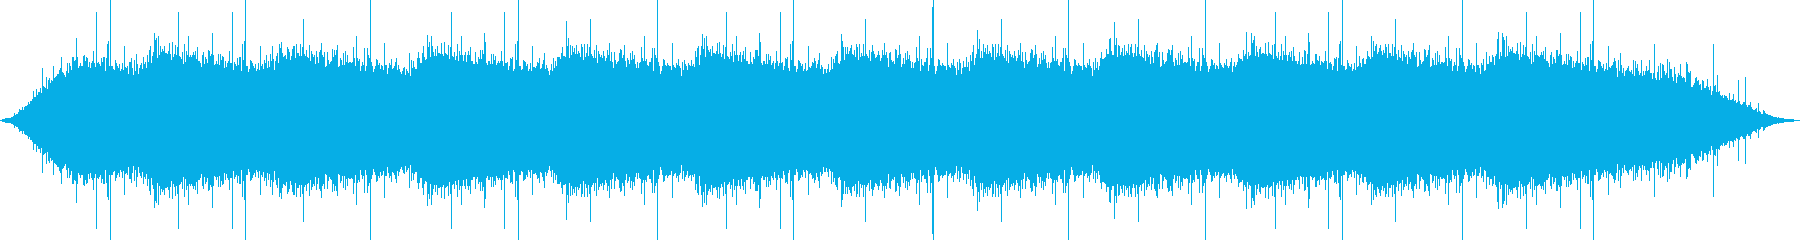 【生録音・環境音】軒先での雨宿りの再生済みの波形